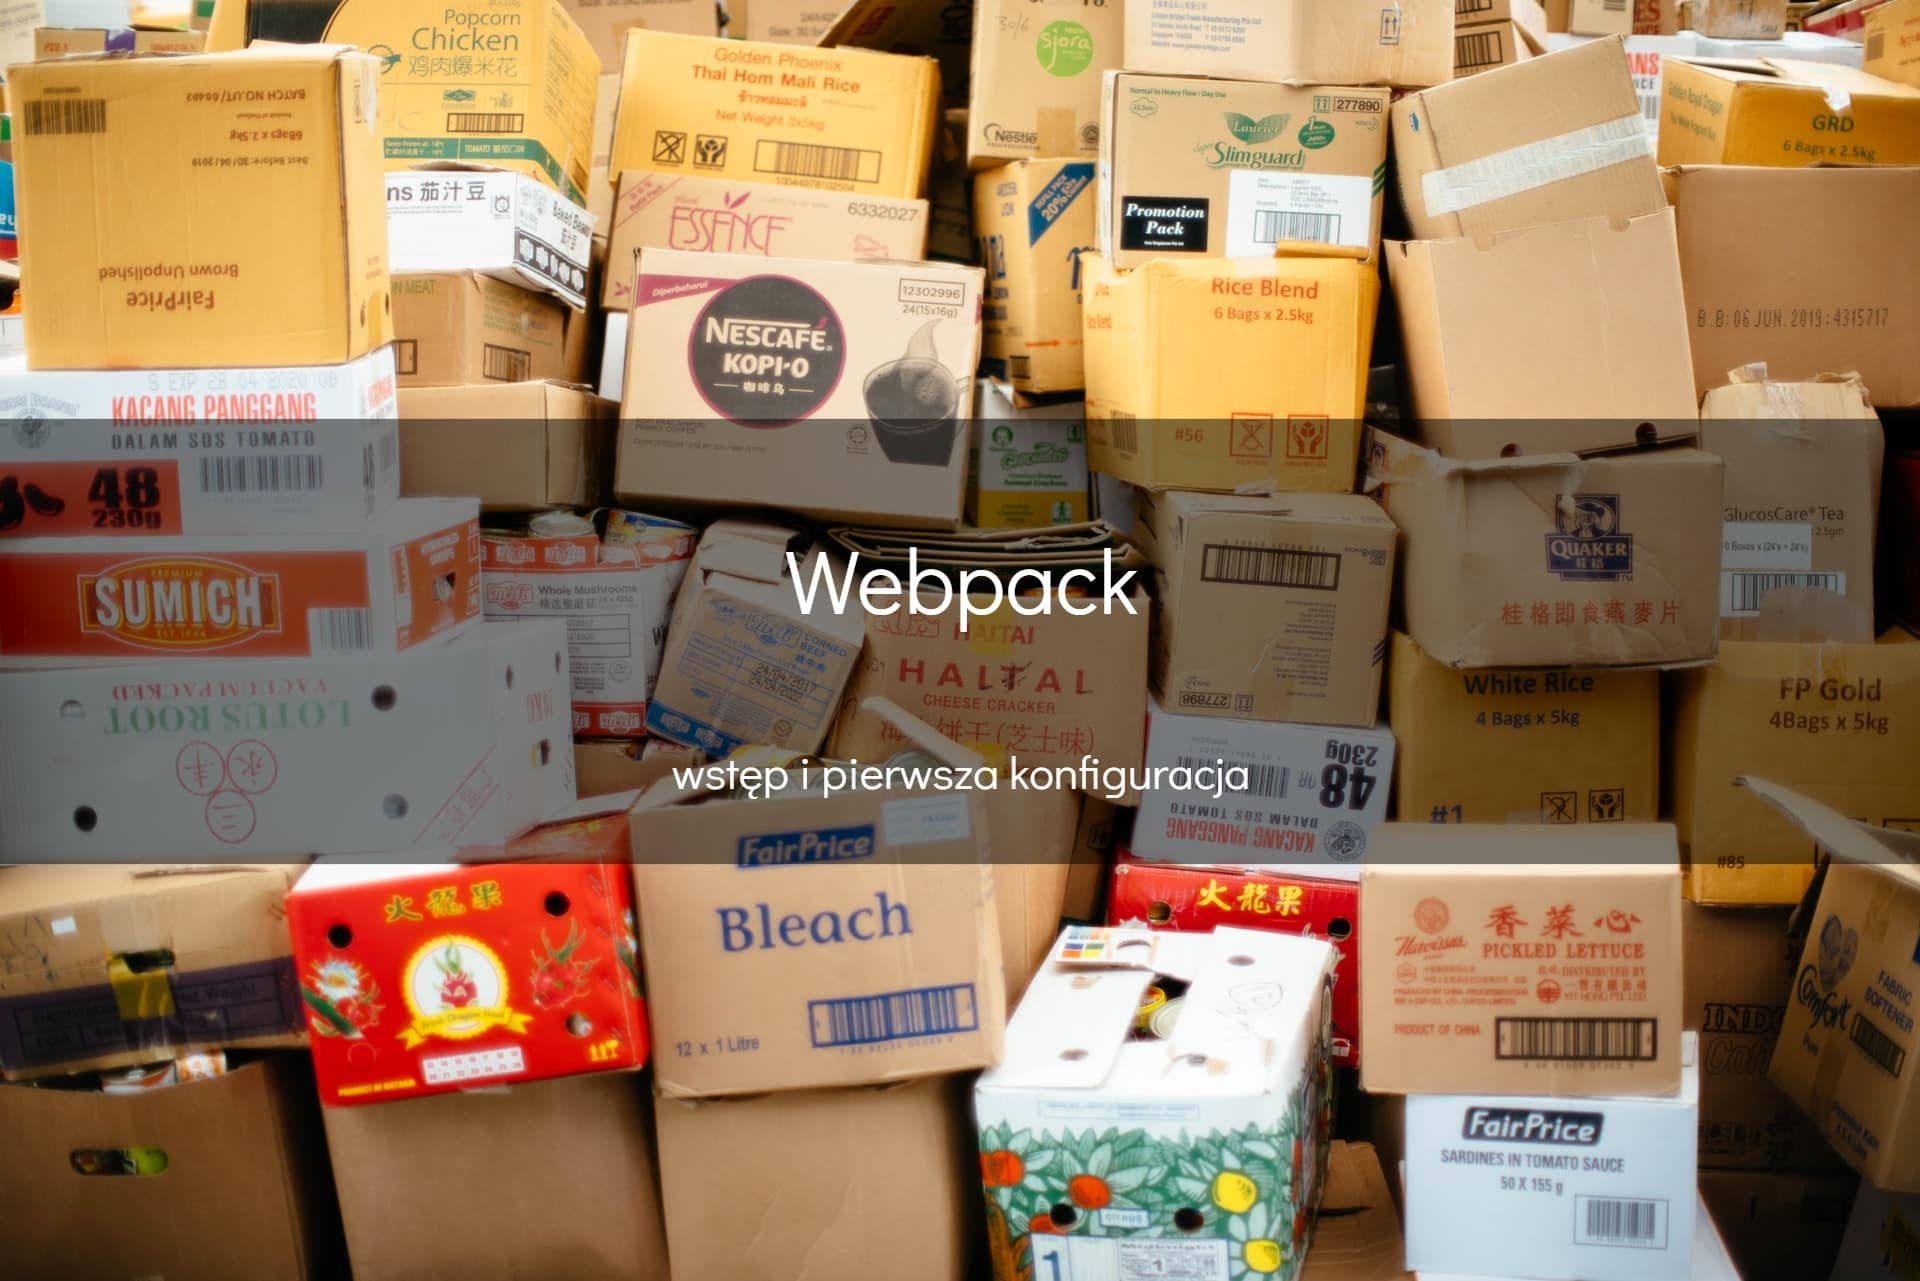 Webpack – szybki start i pierwsza konfiguracja